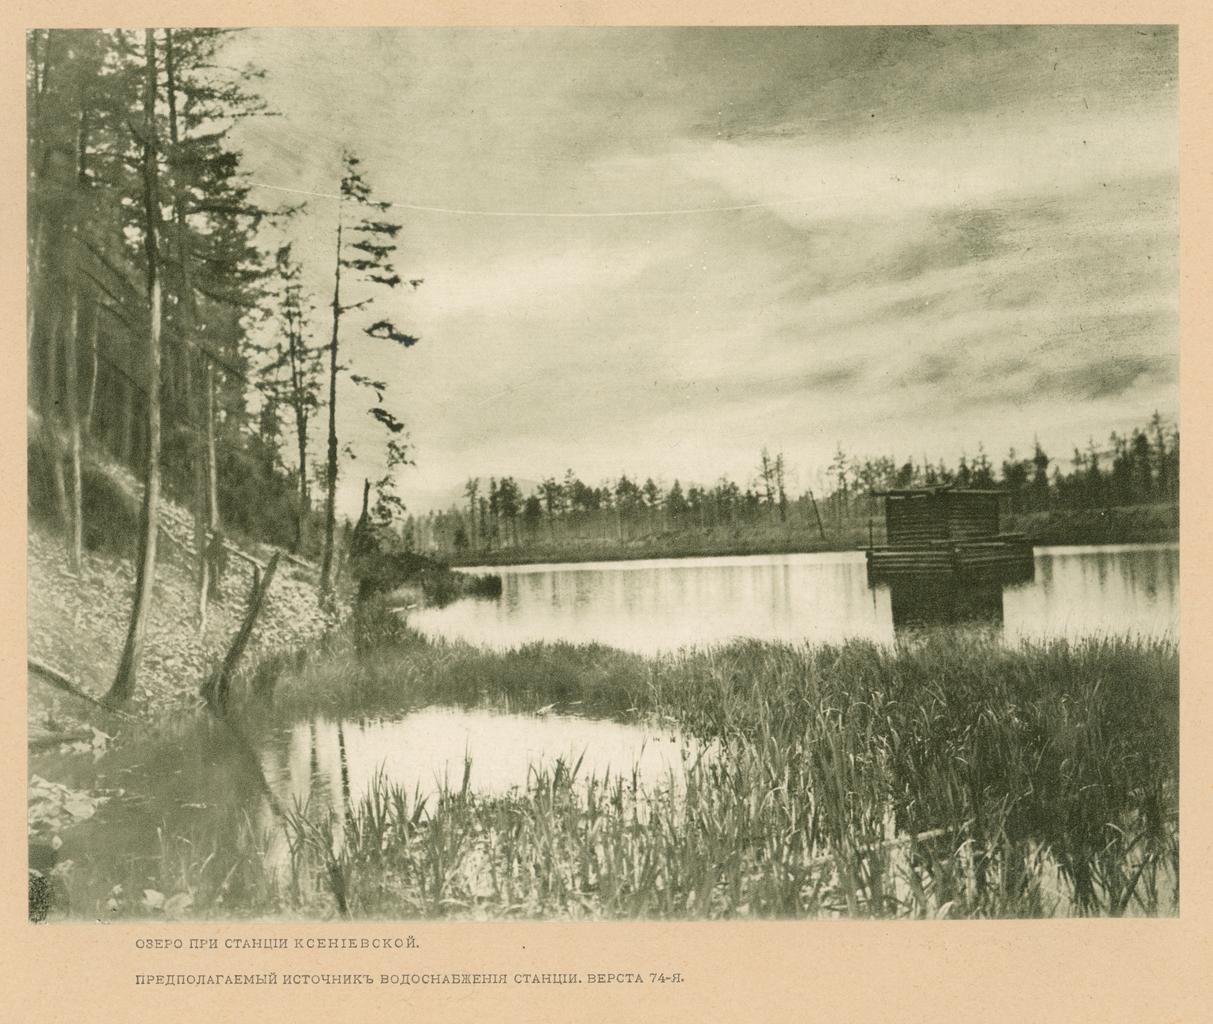 Верста 74. Озеро при станции Ксениевская. Предполагаемый источник водоснабжения станции